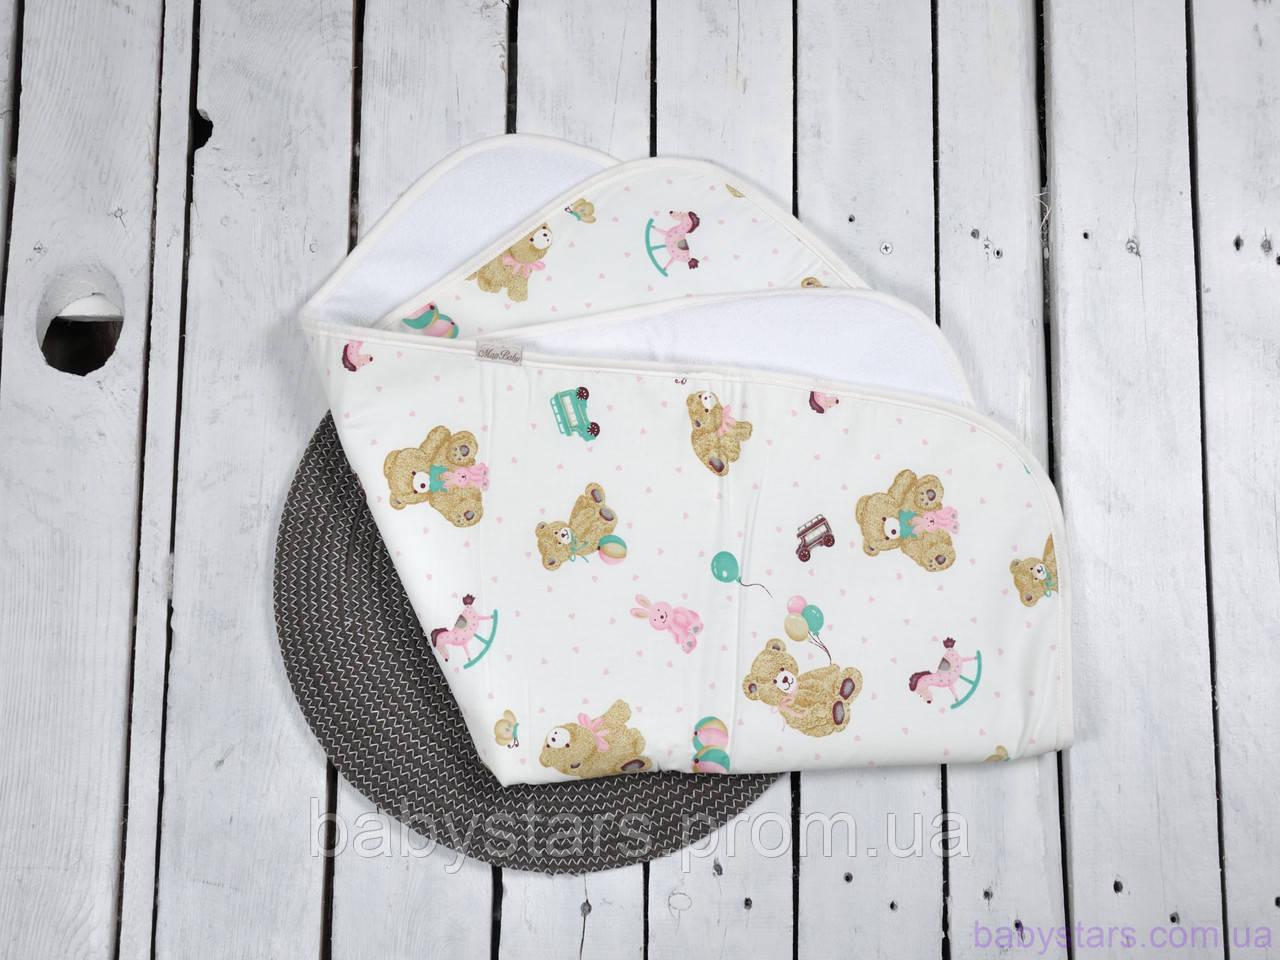 Непромокаемые пеленки для новорожденного (размер 60*80 см), Розовые мишки